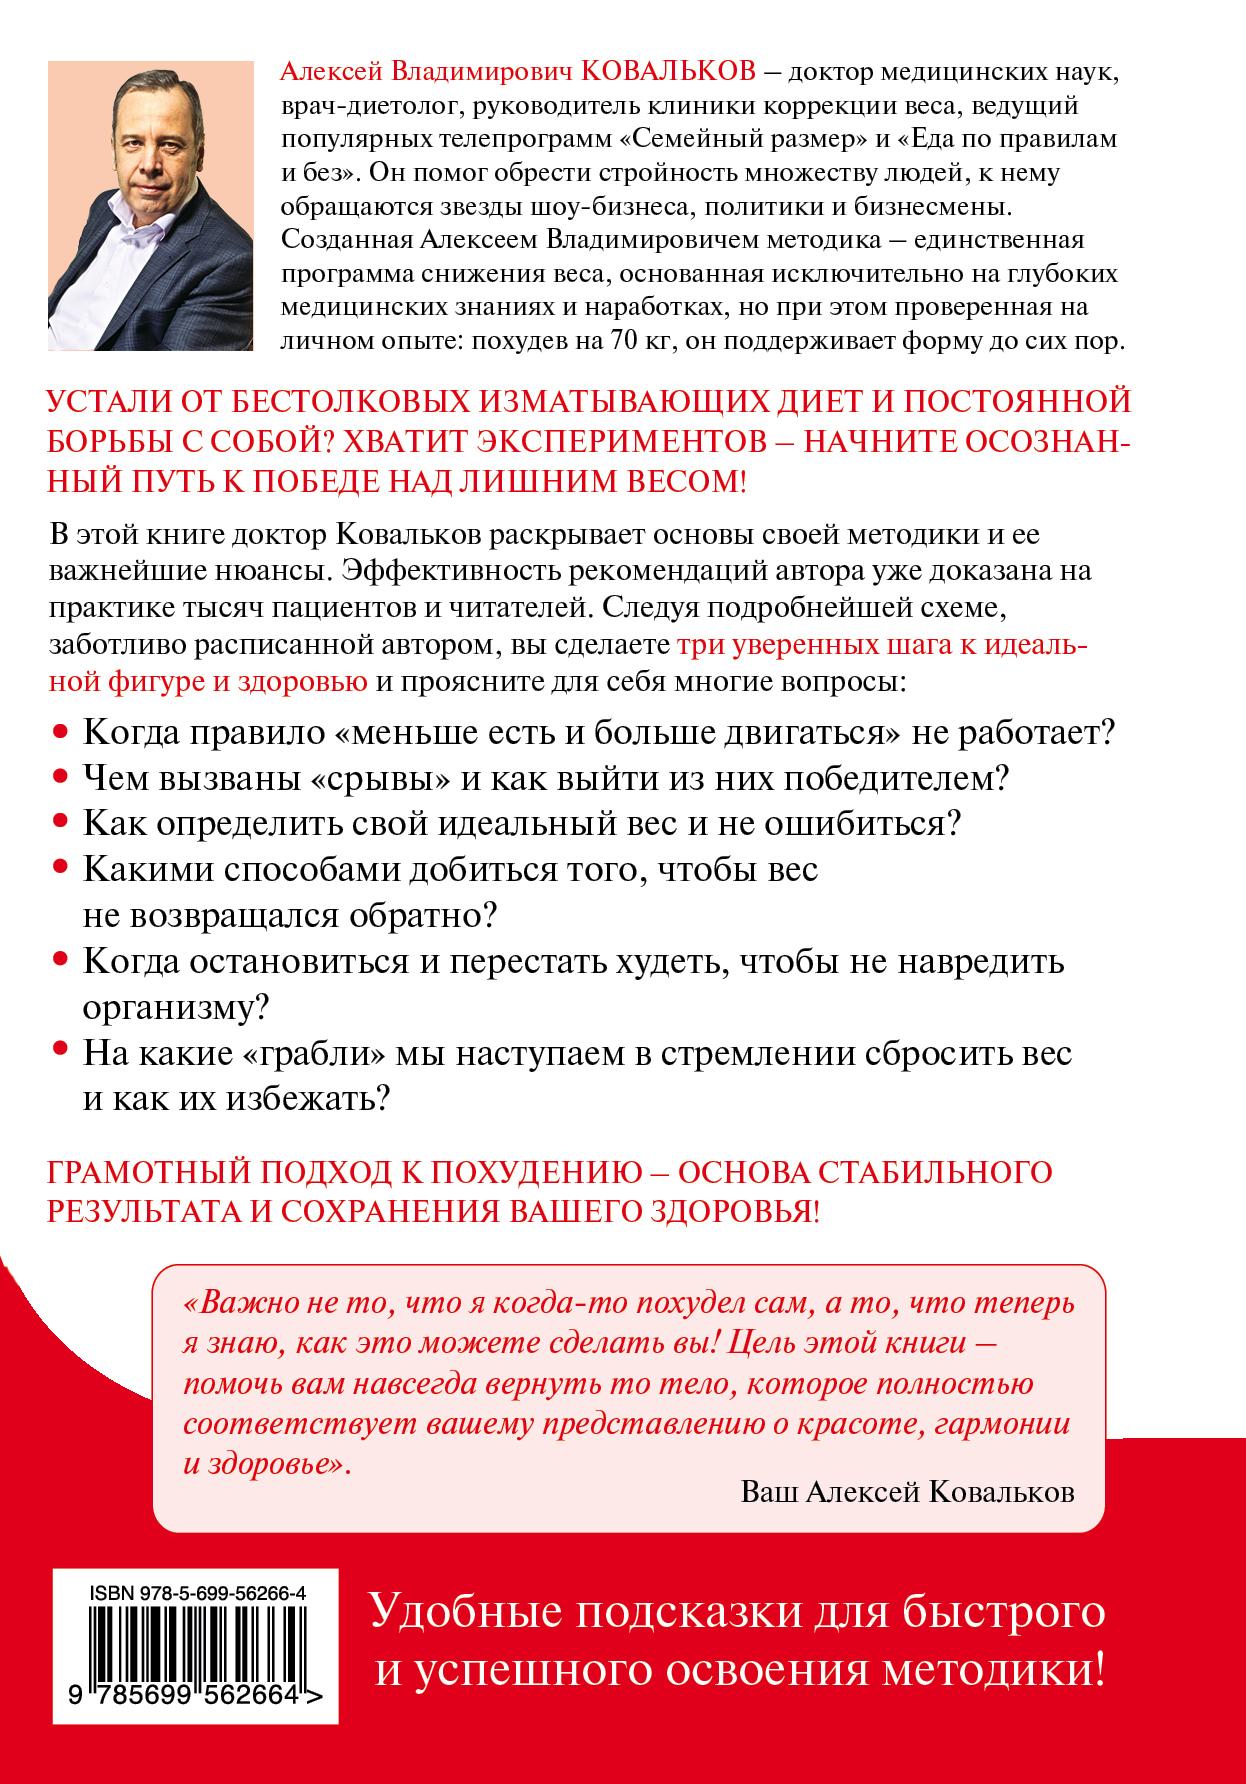 Методики Похудения Доктора Ковалькова.